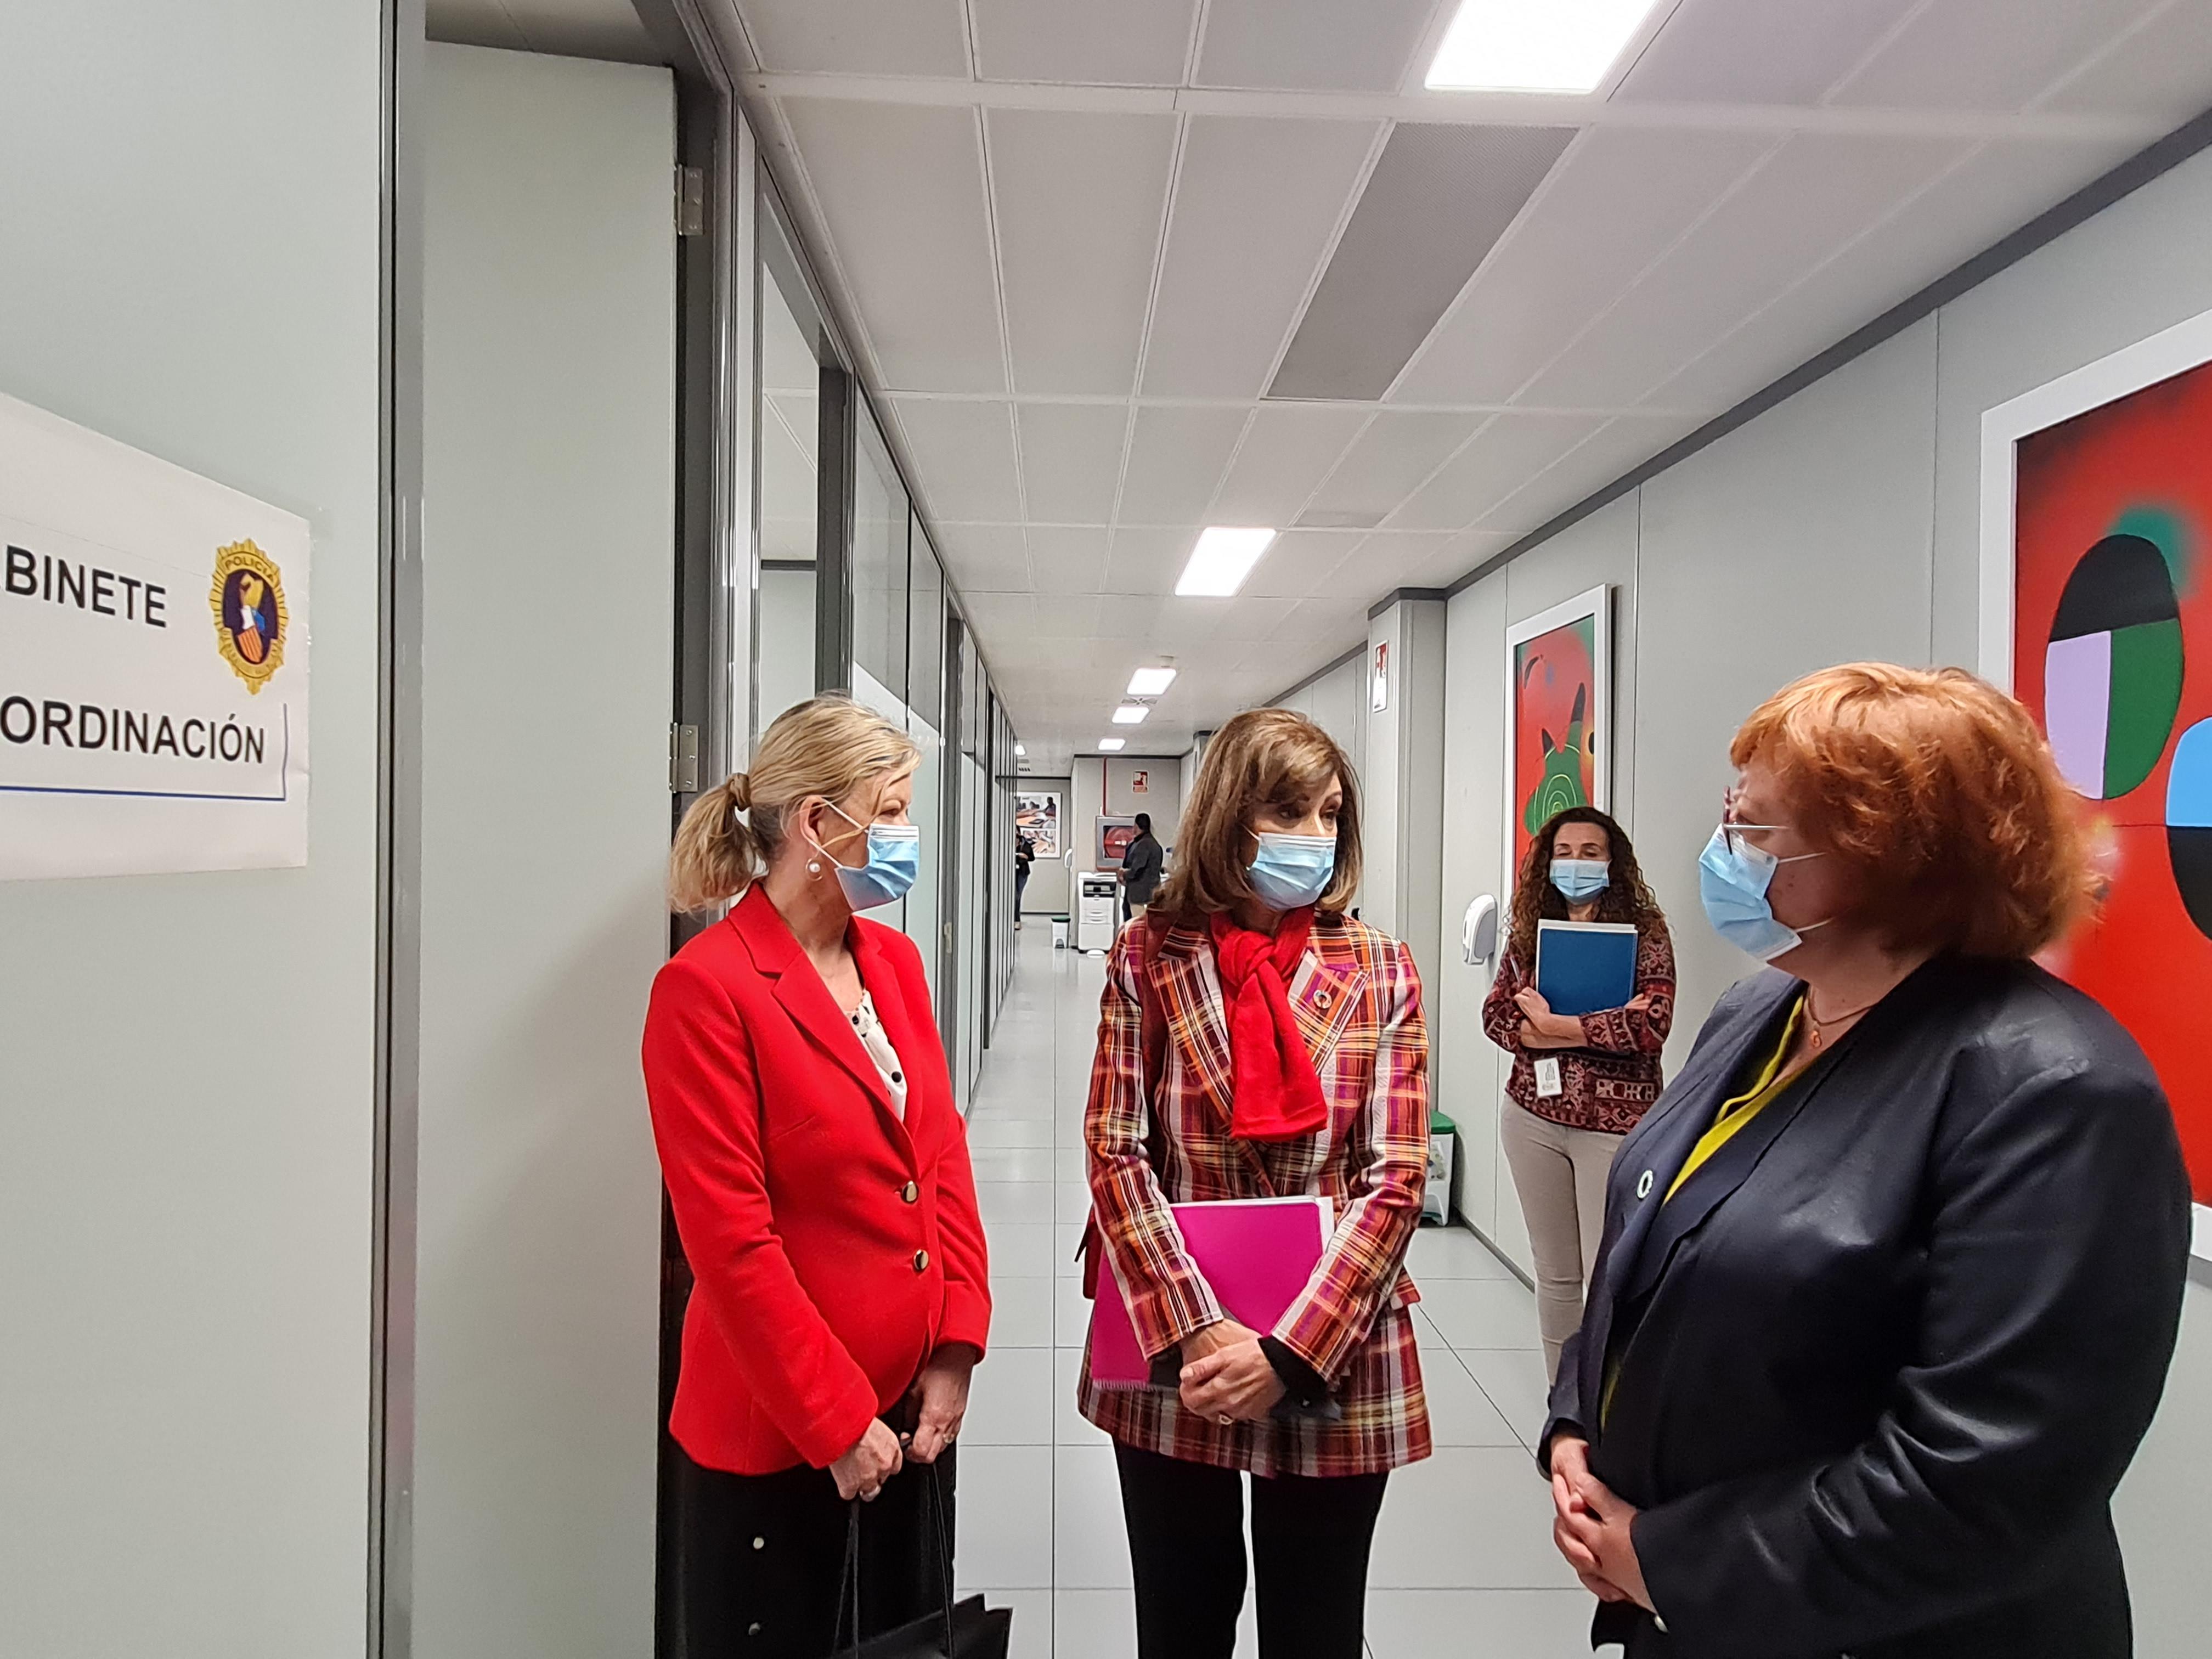 Bravo visita la Oficina Especializada en Violencia de Género en la Ciudad de la Justicia de València